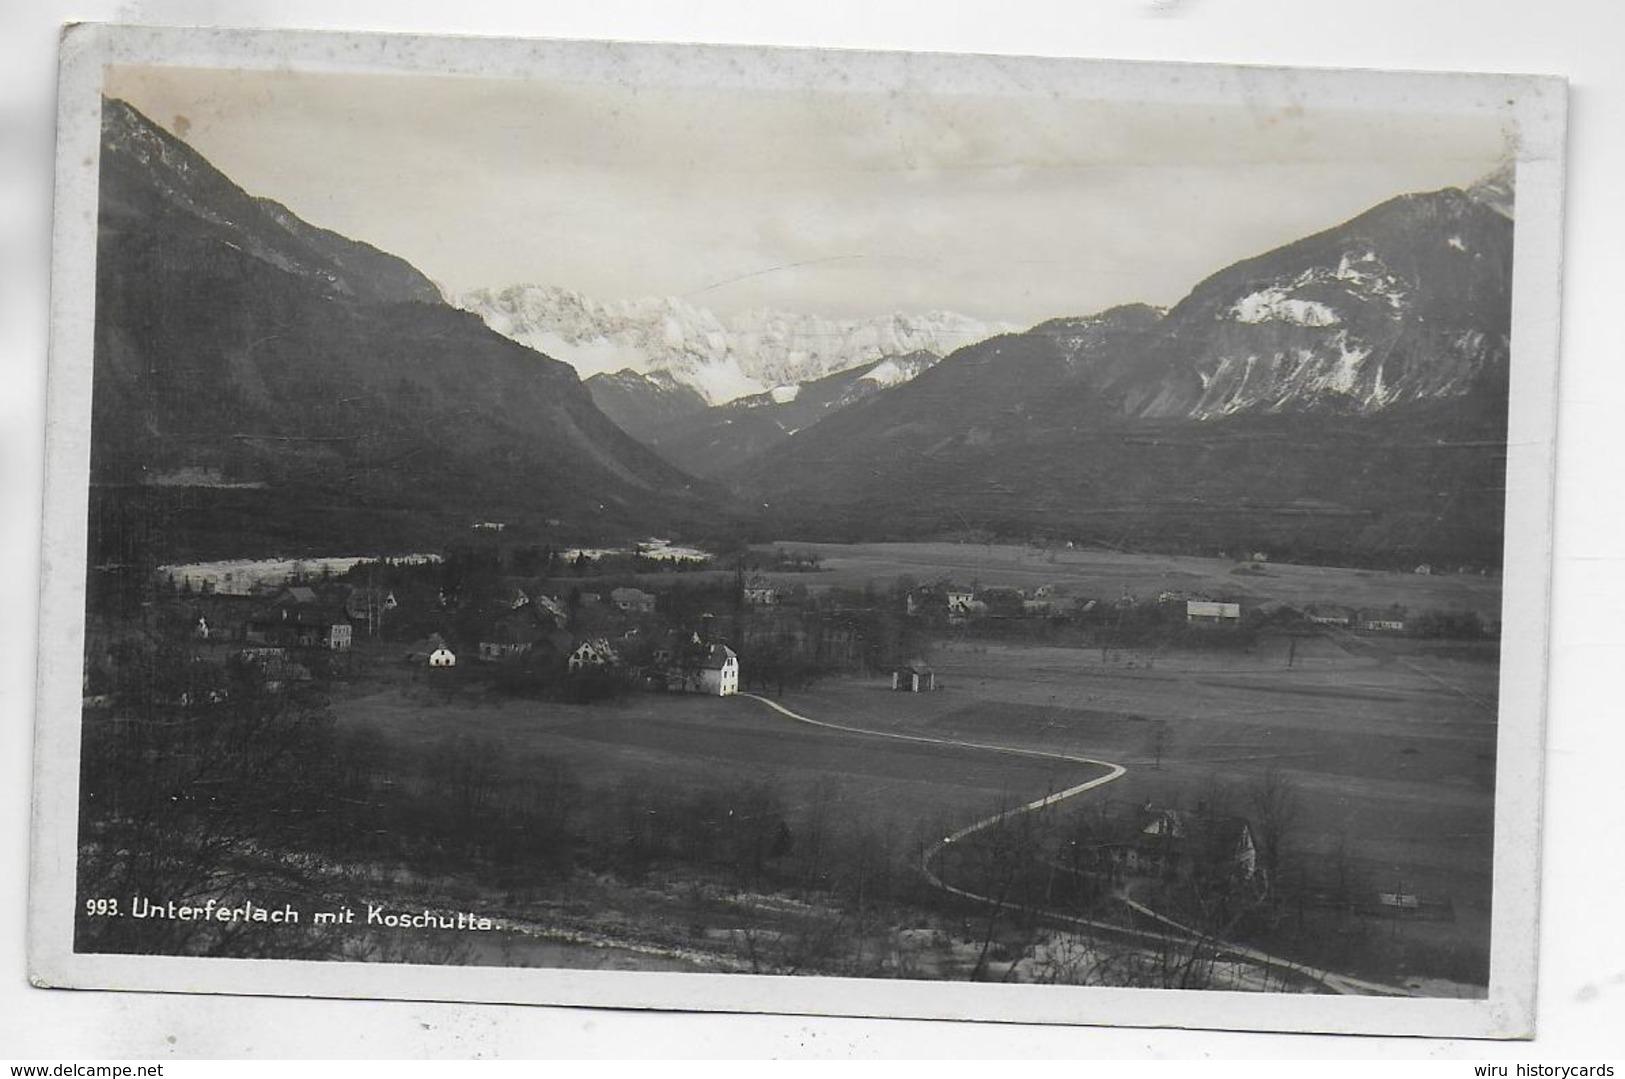 AK 0324  Unterferlach Mit Koschutta - Verlag Schilcher Um 1927 - Ferlach